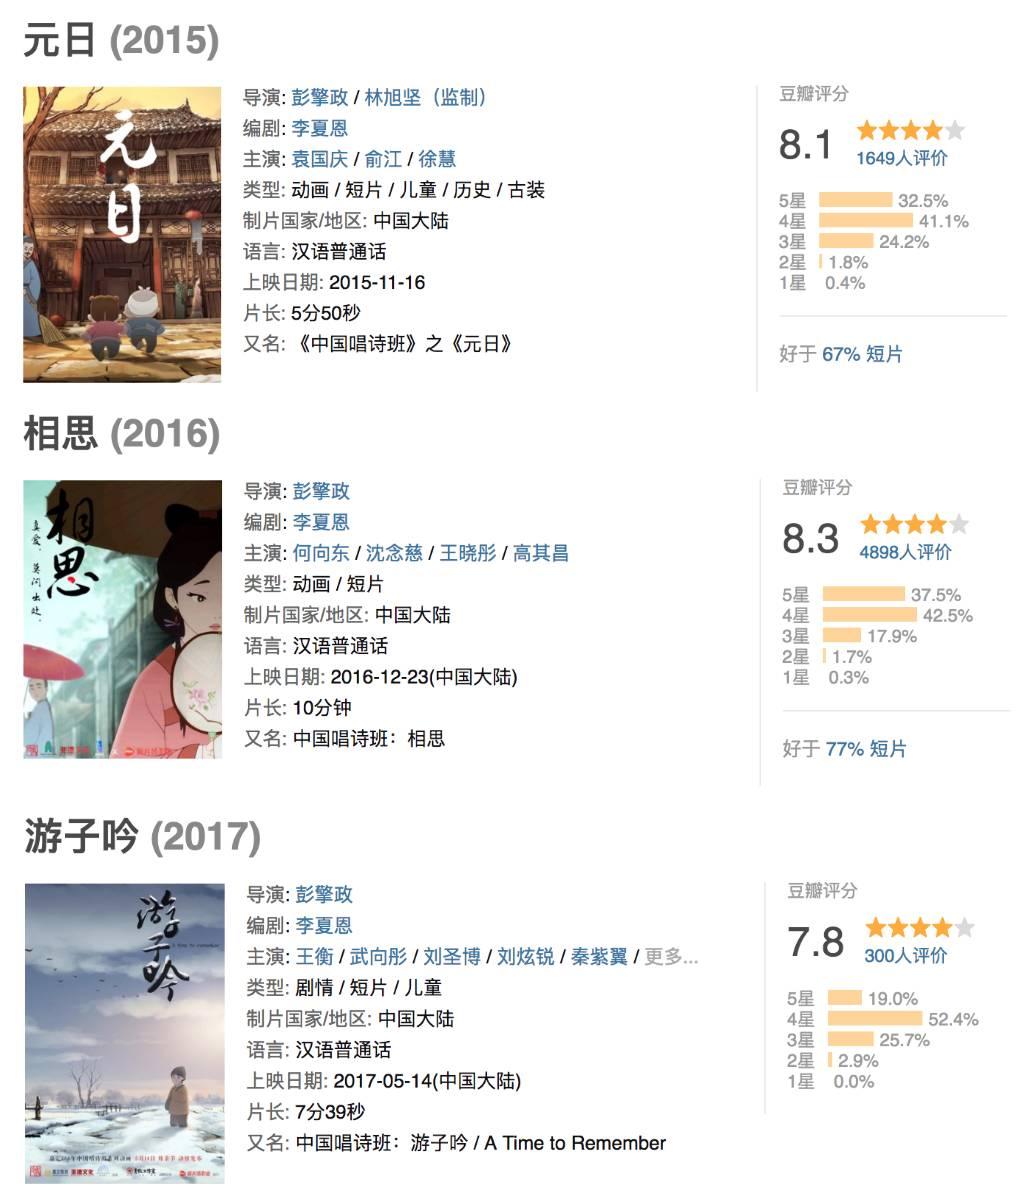 美哭了,这才是中国的动画啊!